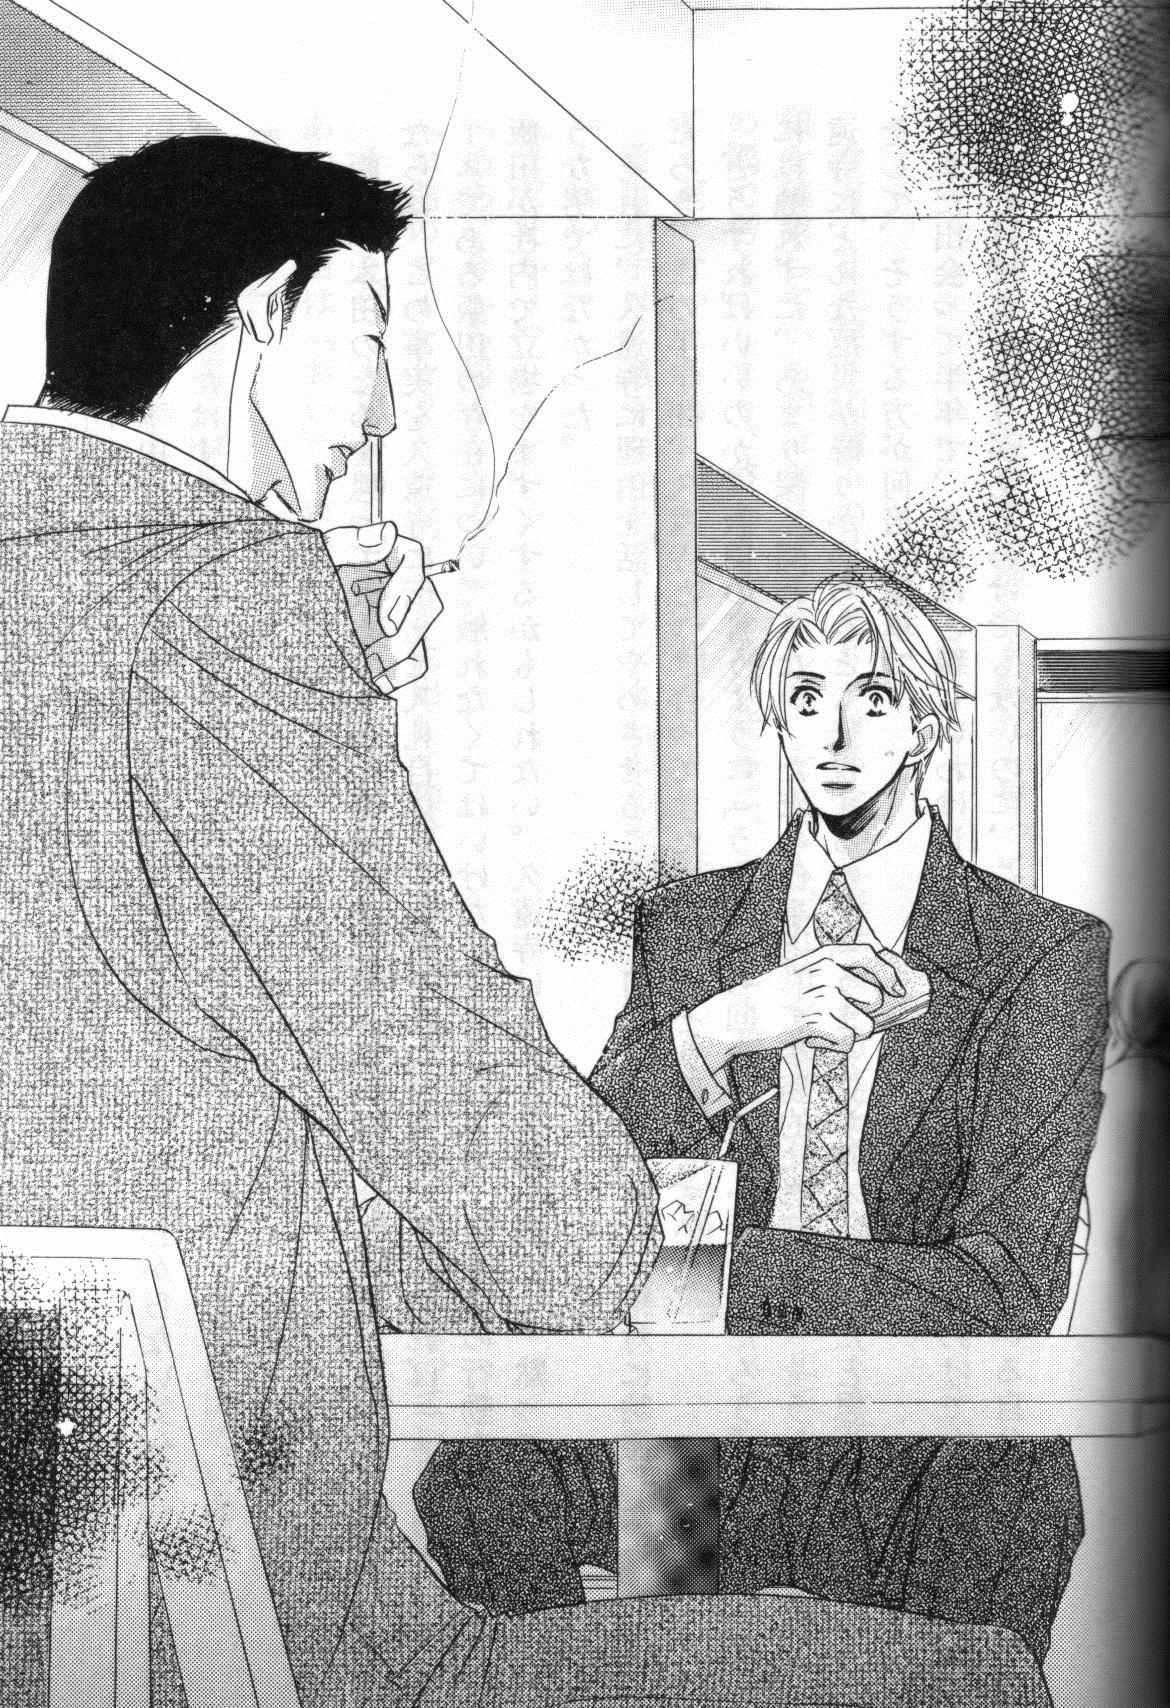 Shiawase ni Dekiru 01 (3)